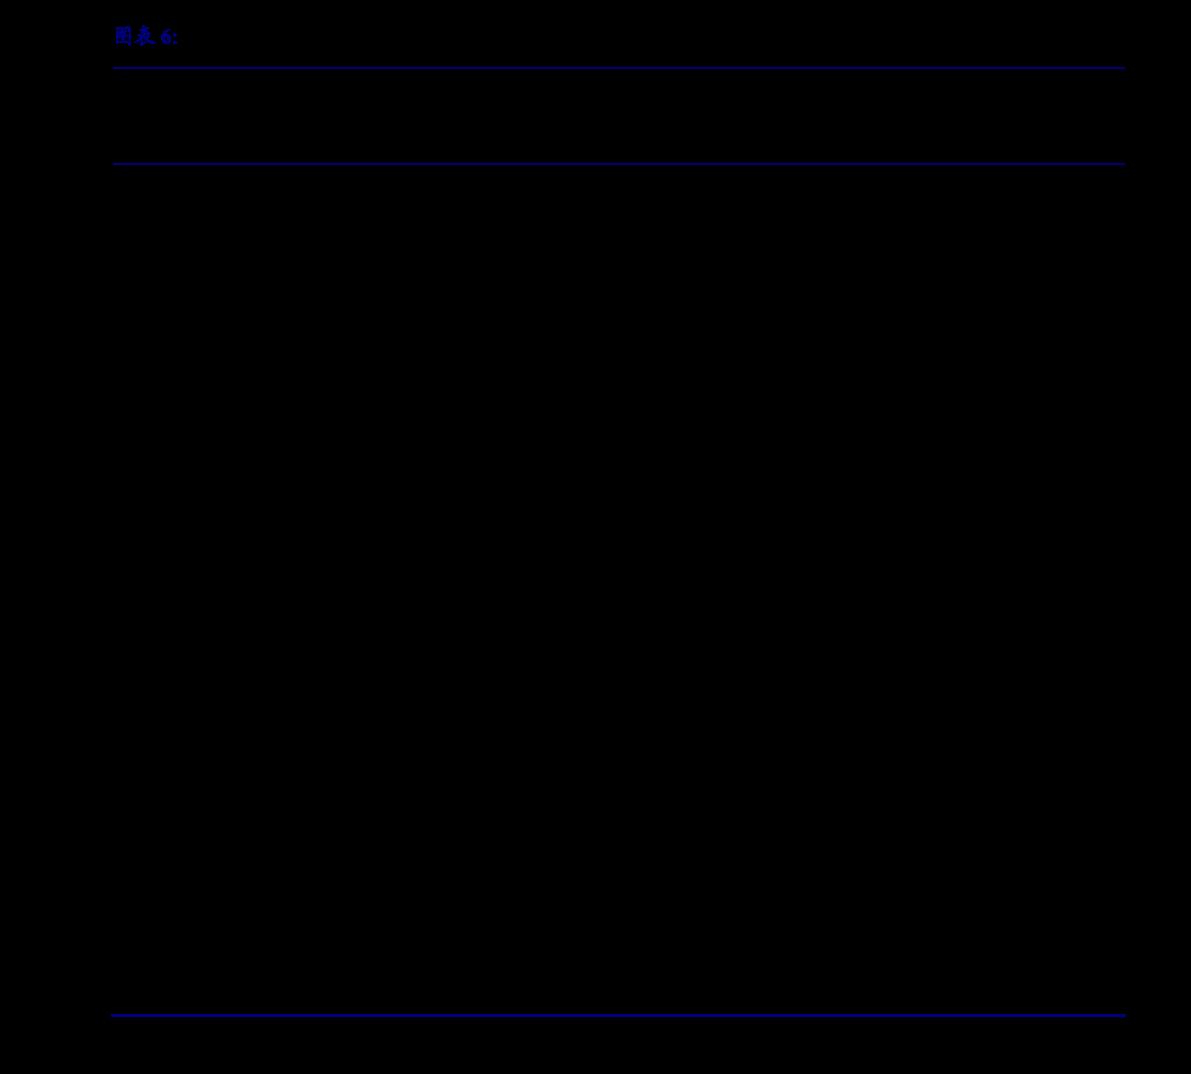 """兴业研究-超级企业跟踪第24期:华为剥离""""荣耀"""",京东继续补贴-201118"""